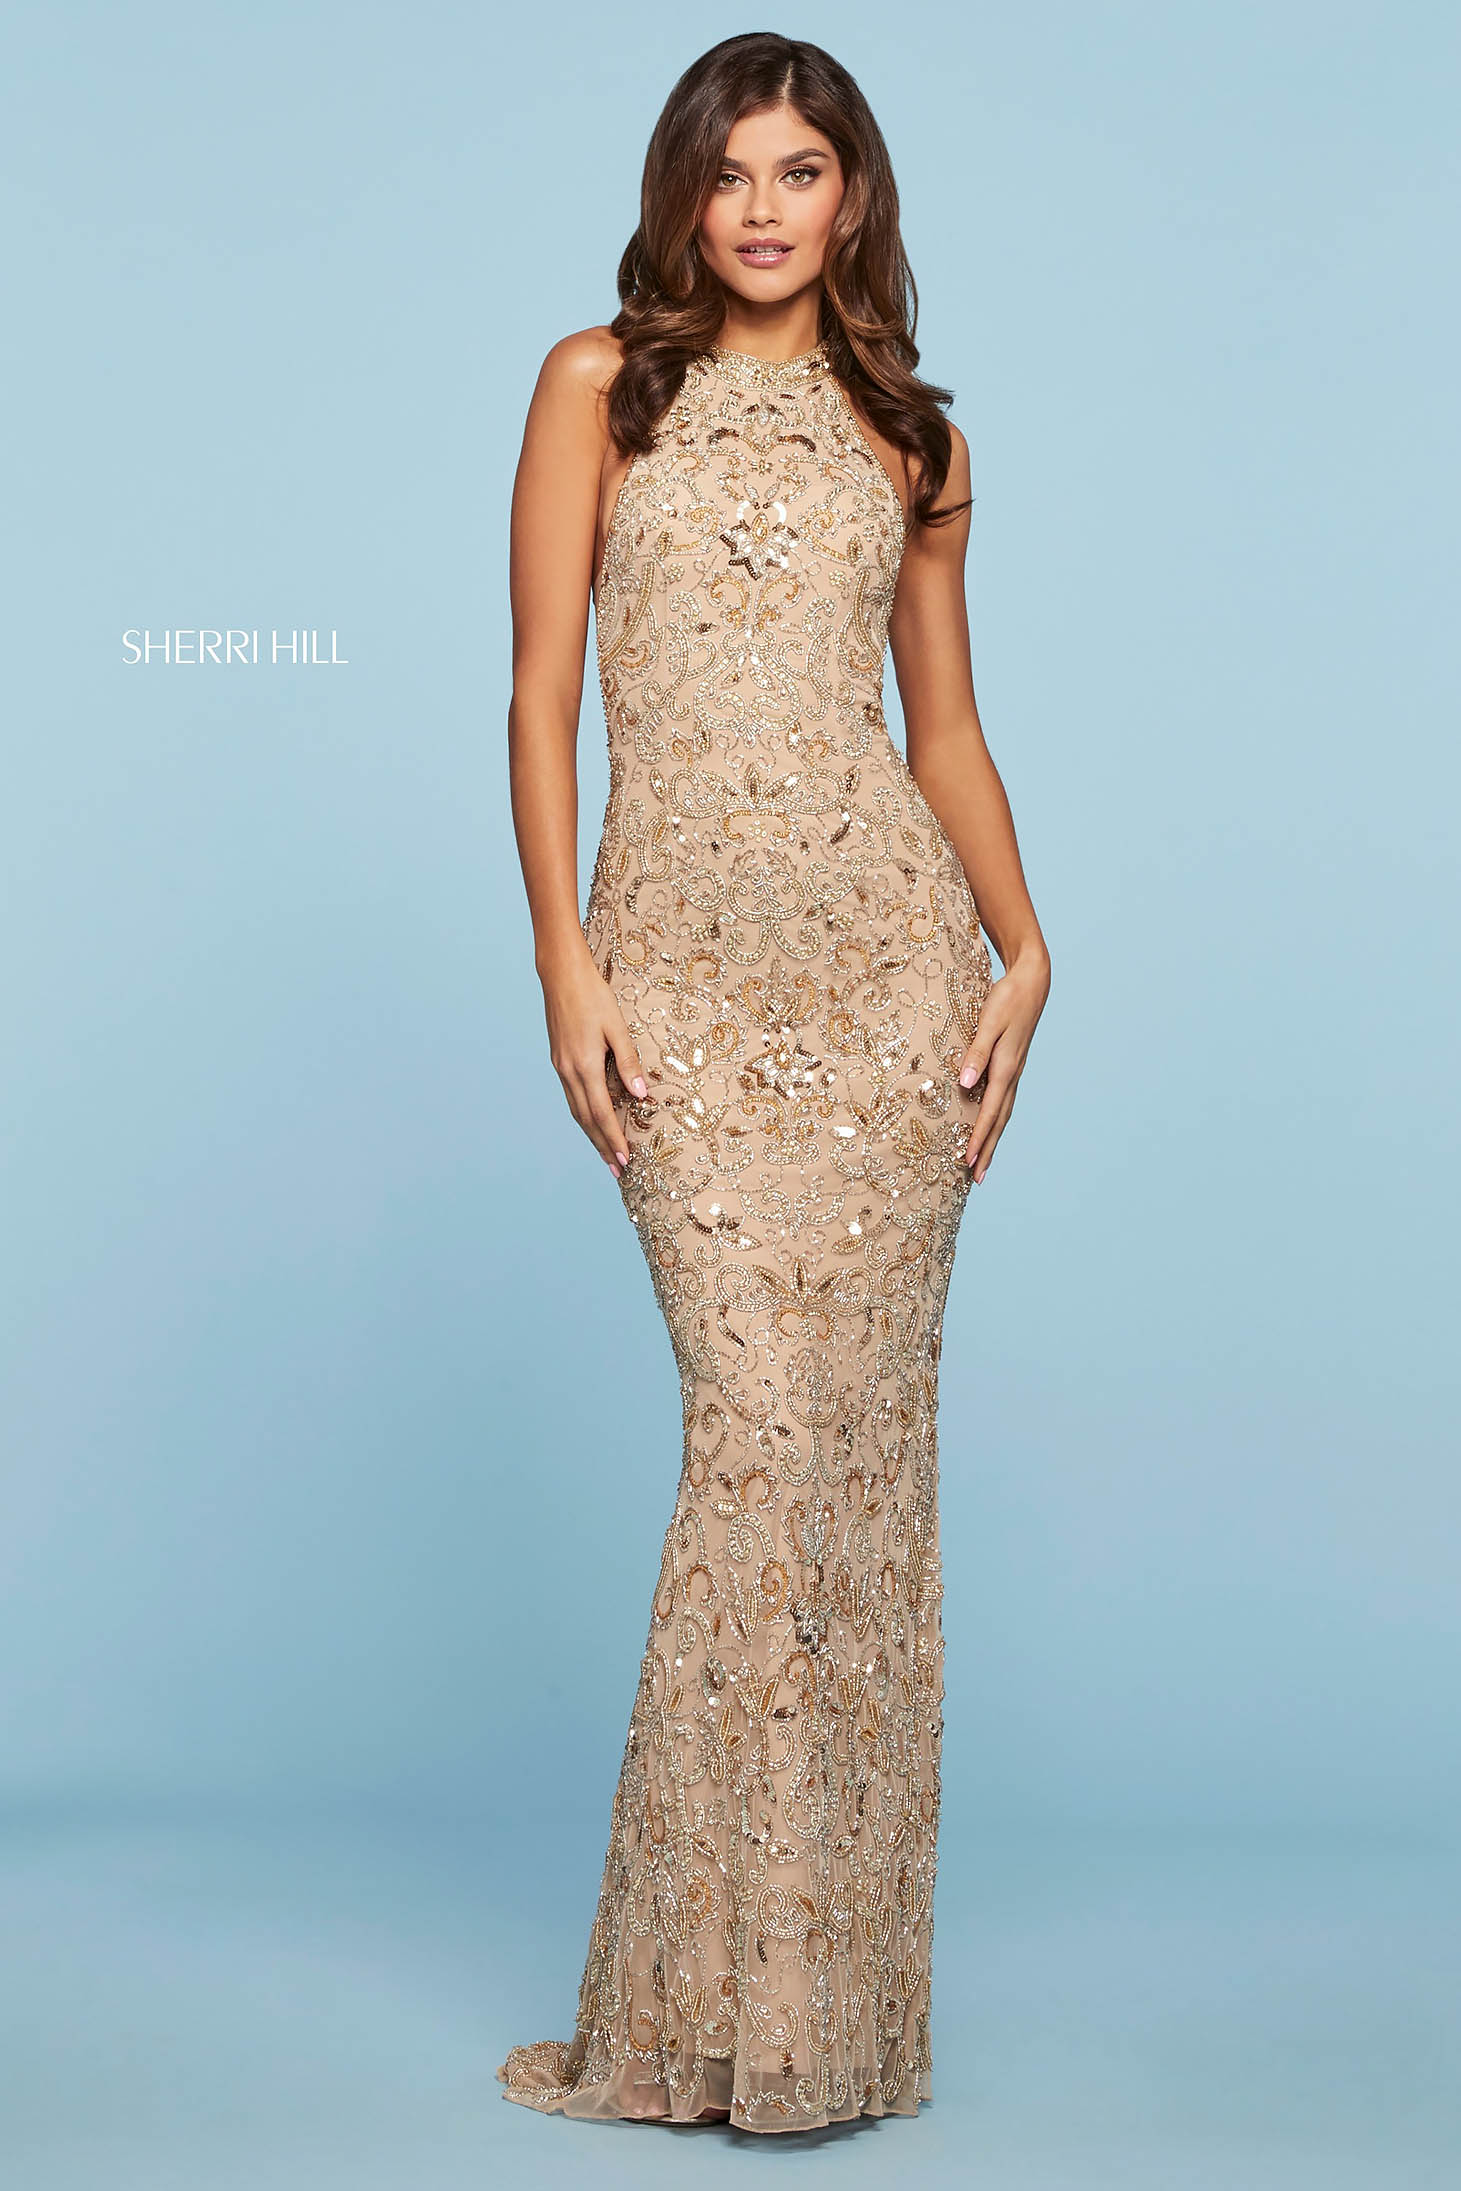 Rochie Sherri Hill 53609 nude/gold/silver